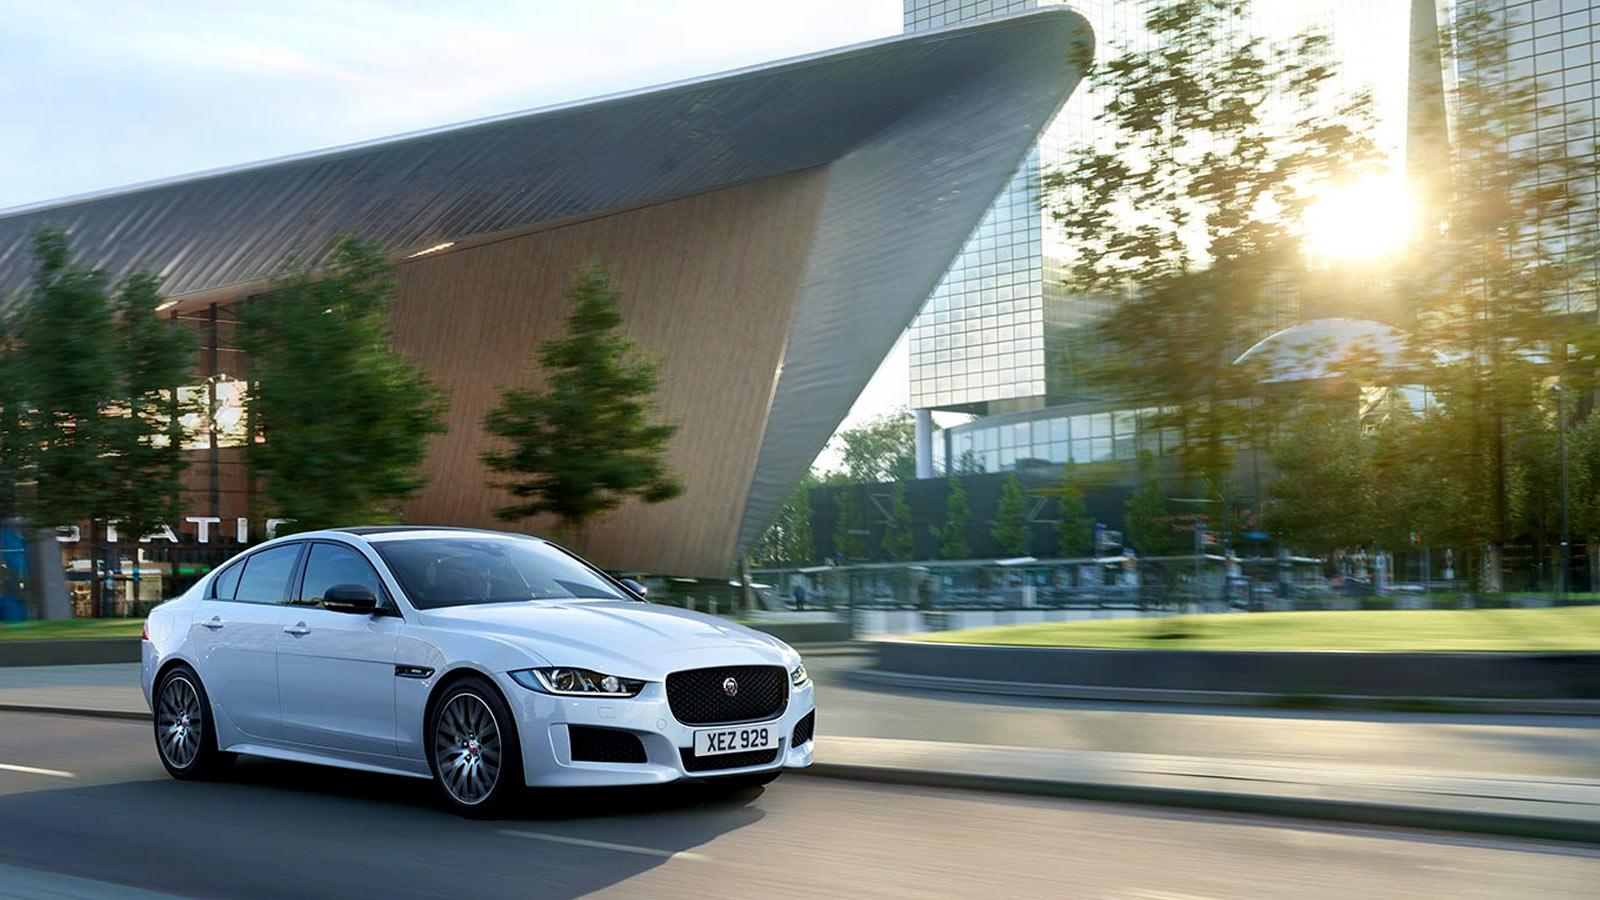 Jaguar XE 2.0 S image 9